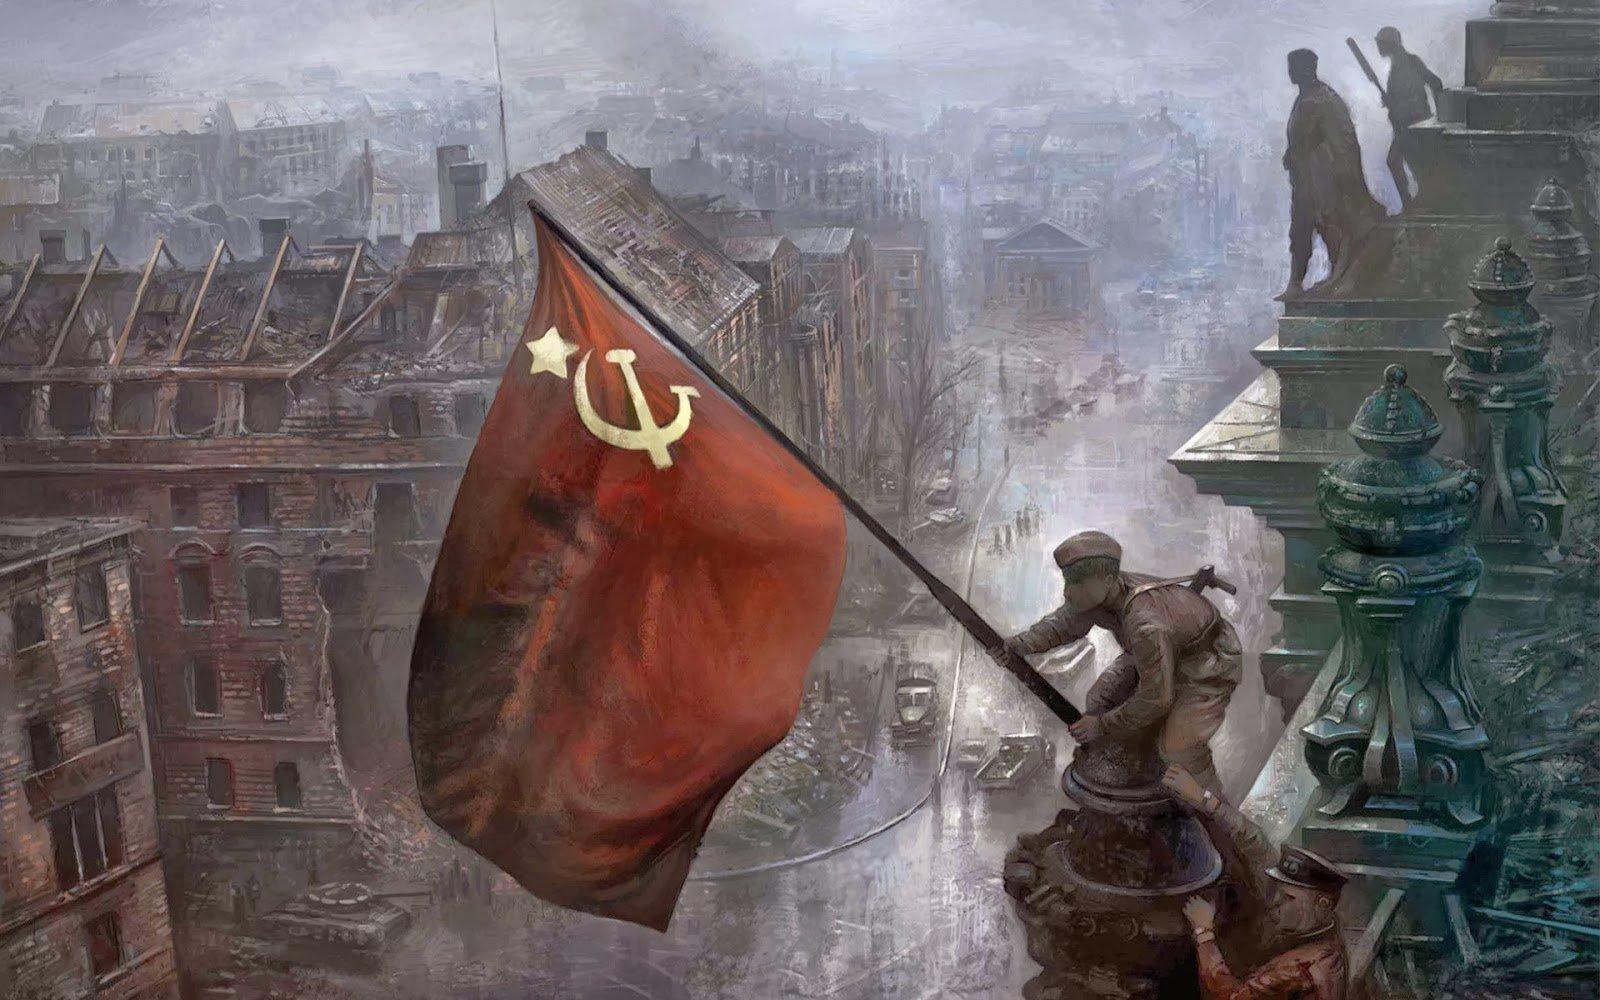 Día de la Victoria: El 9 de mayo de 1945 el nazismo se rindió al ...